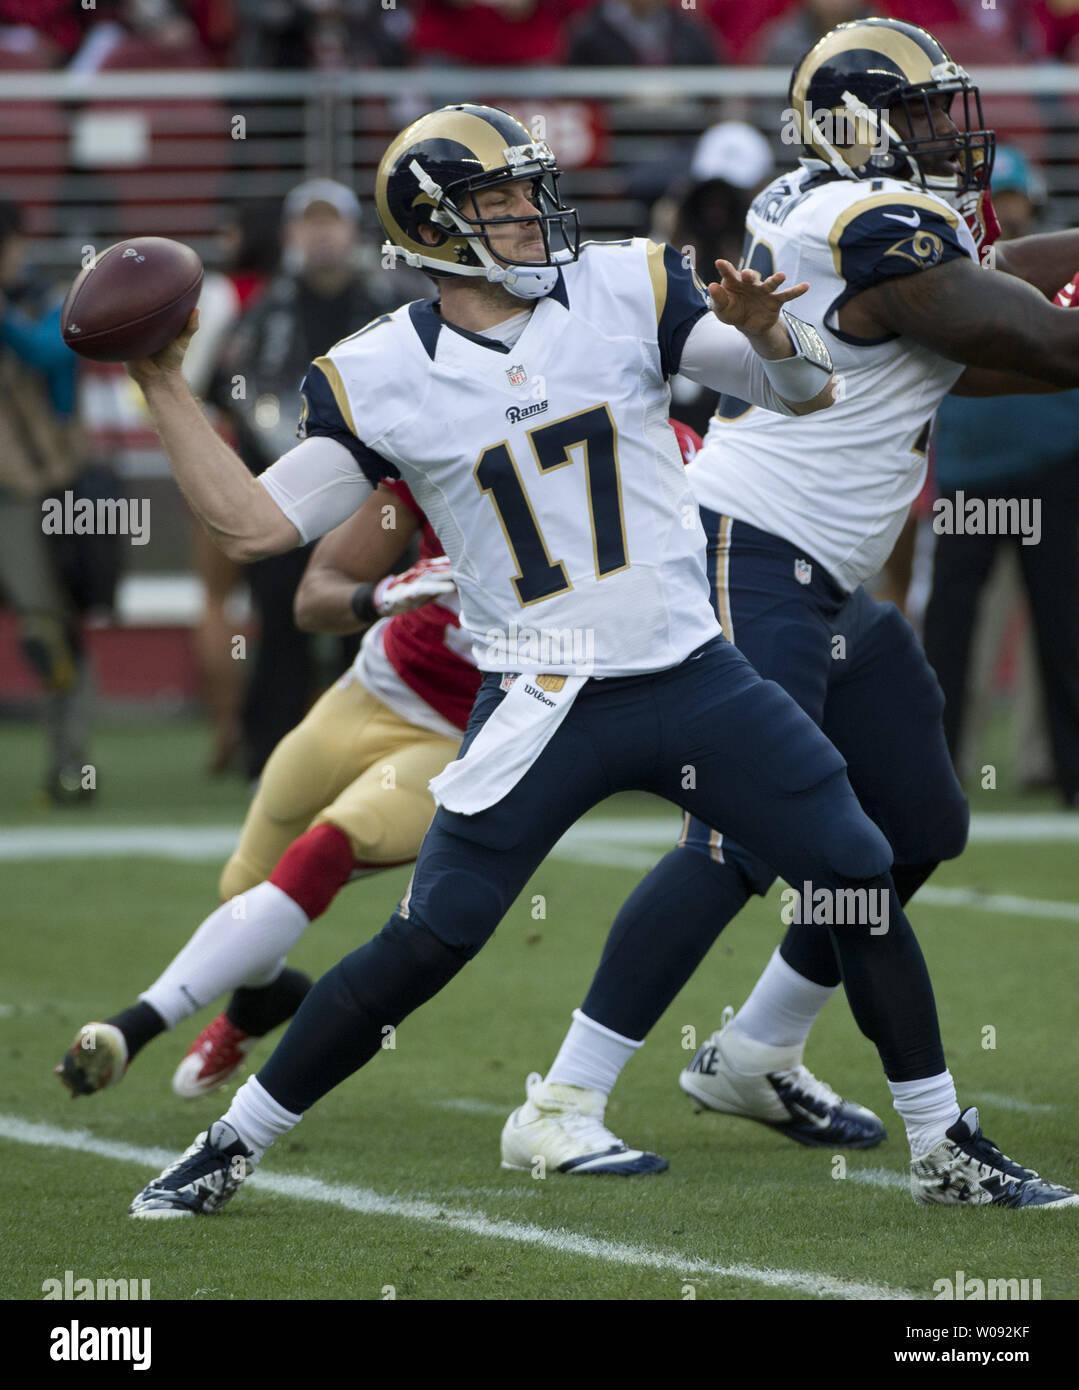 74d8350e St. Louis Rams quarterback Case Keenum drops back to pass against the San  Francisco 49ers